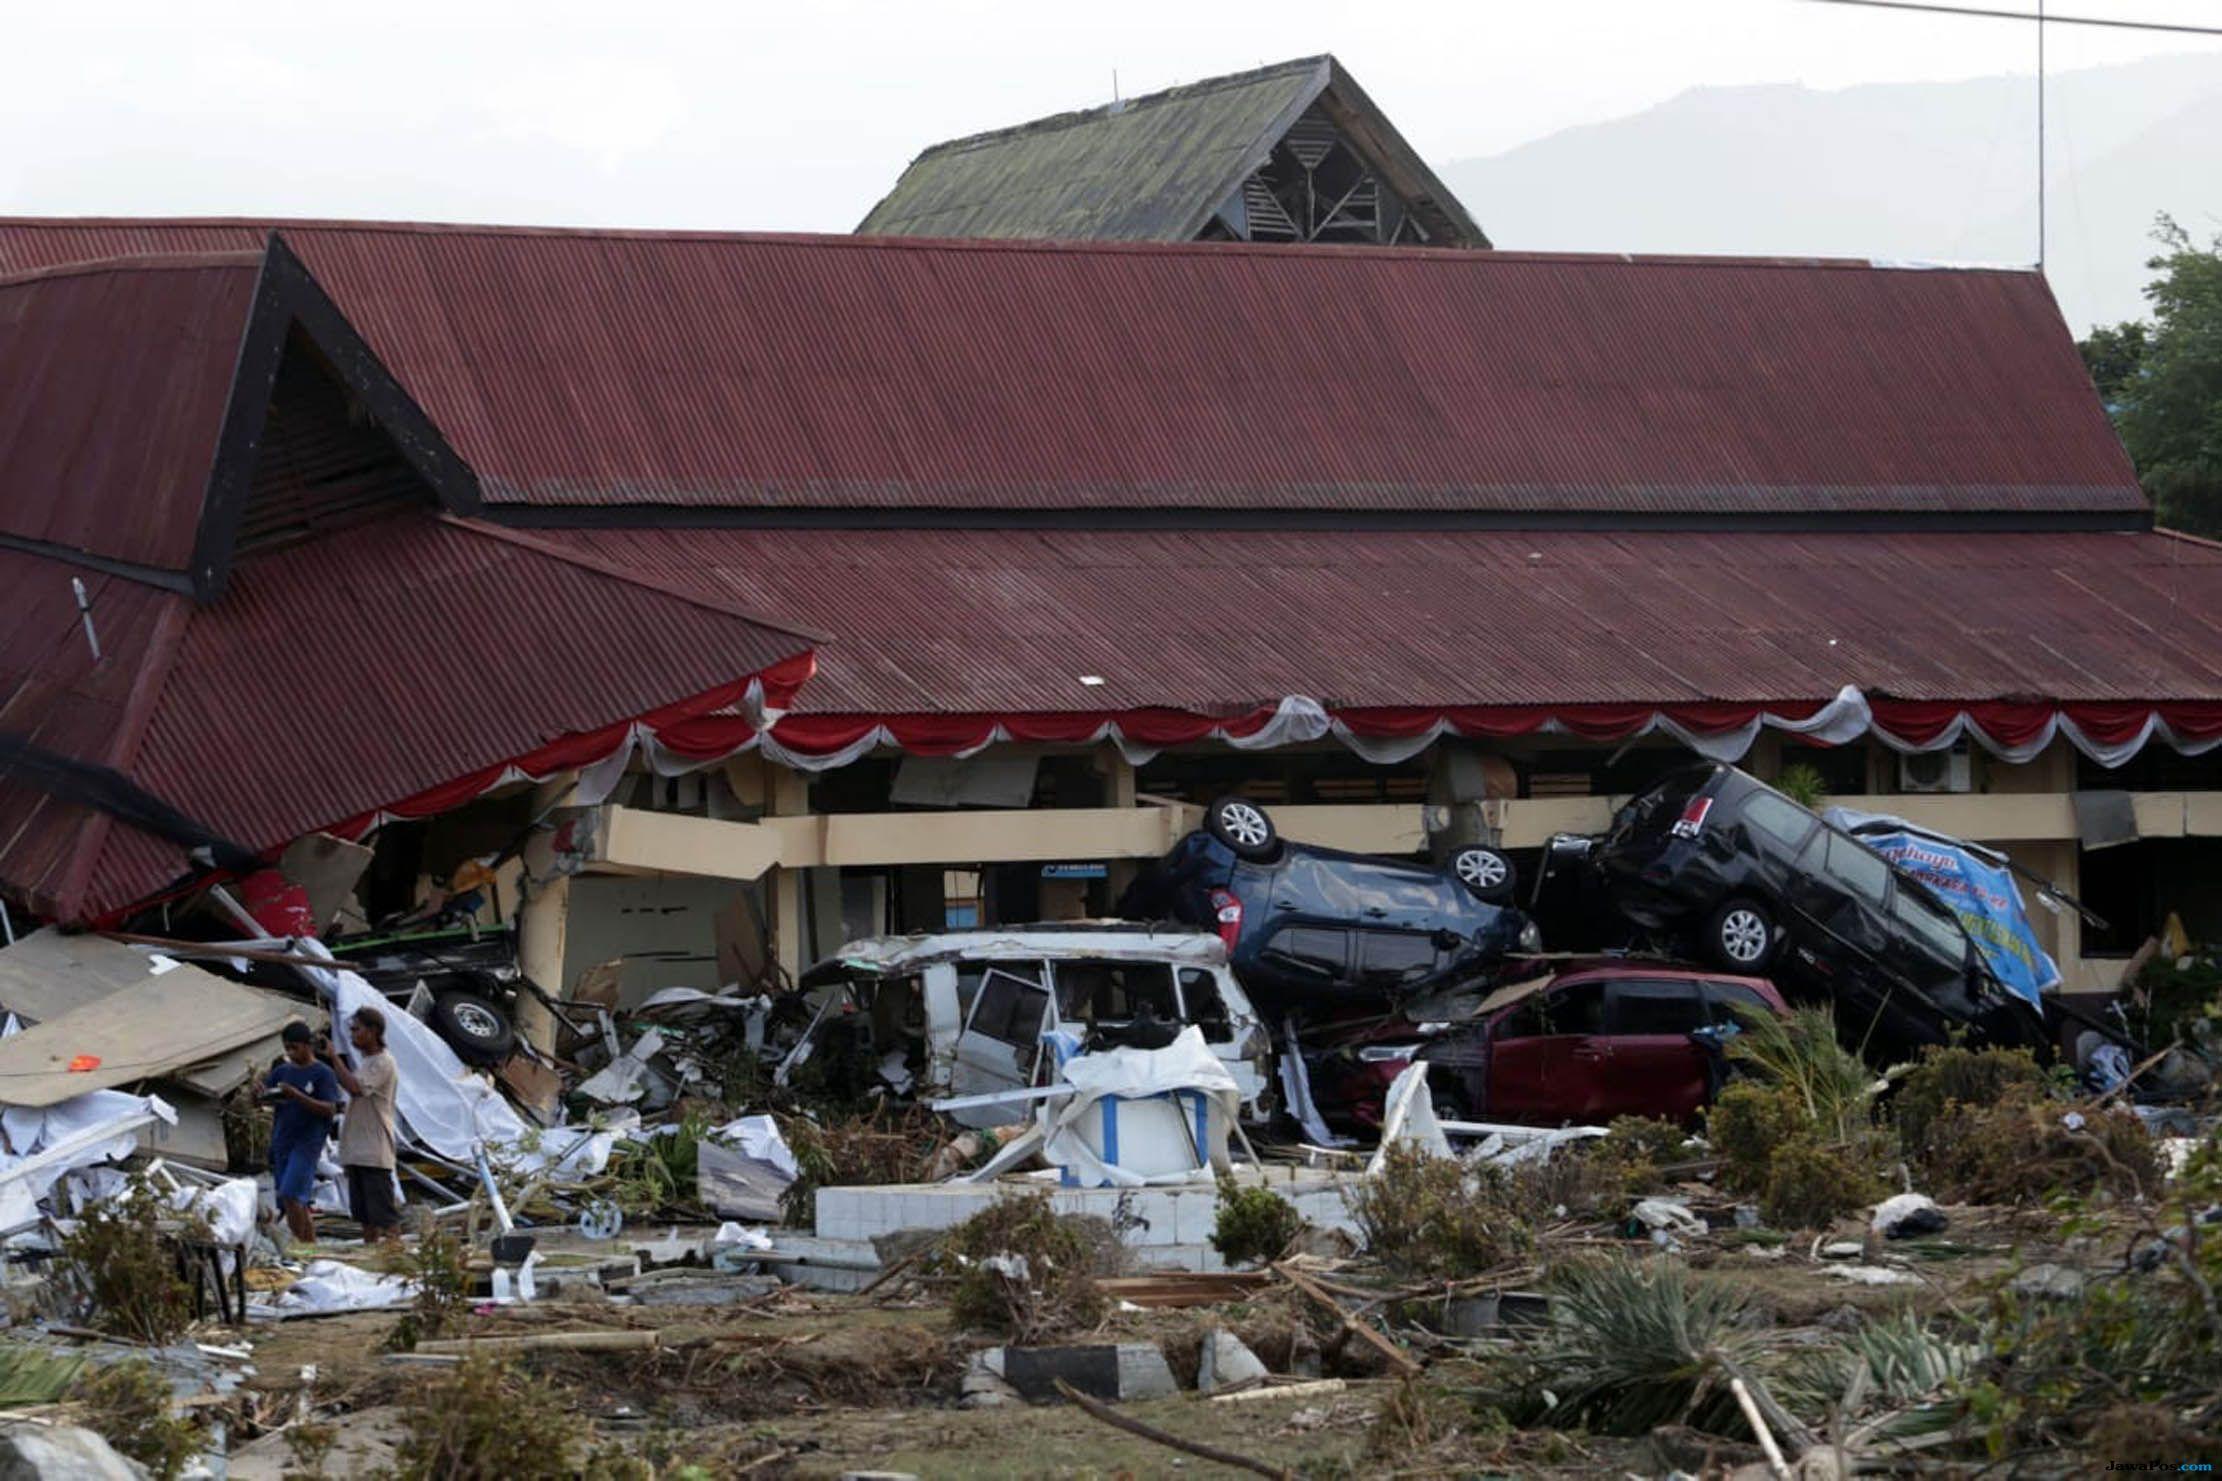 Terseret Bersama Anak, Tertutup Asbes Empat Jam Setelah Gempa Palu